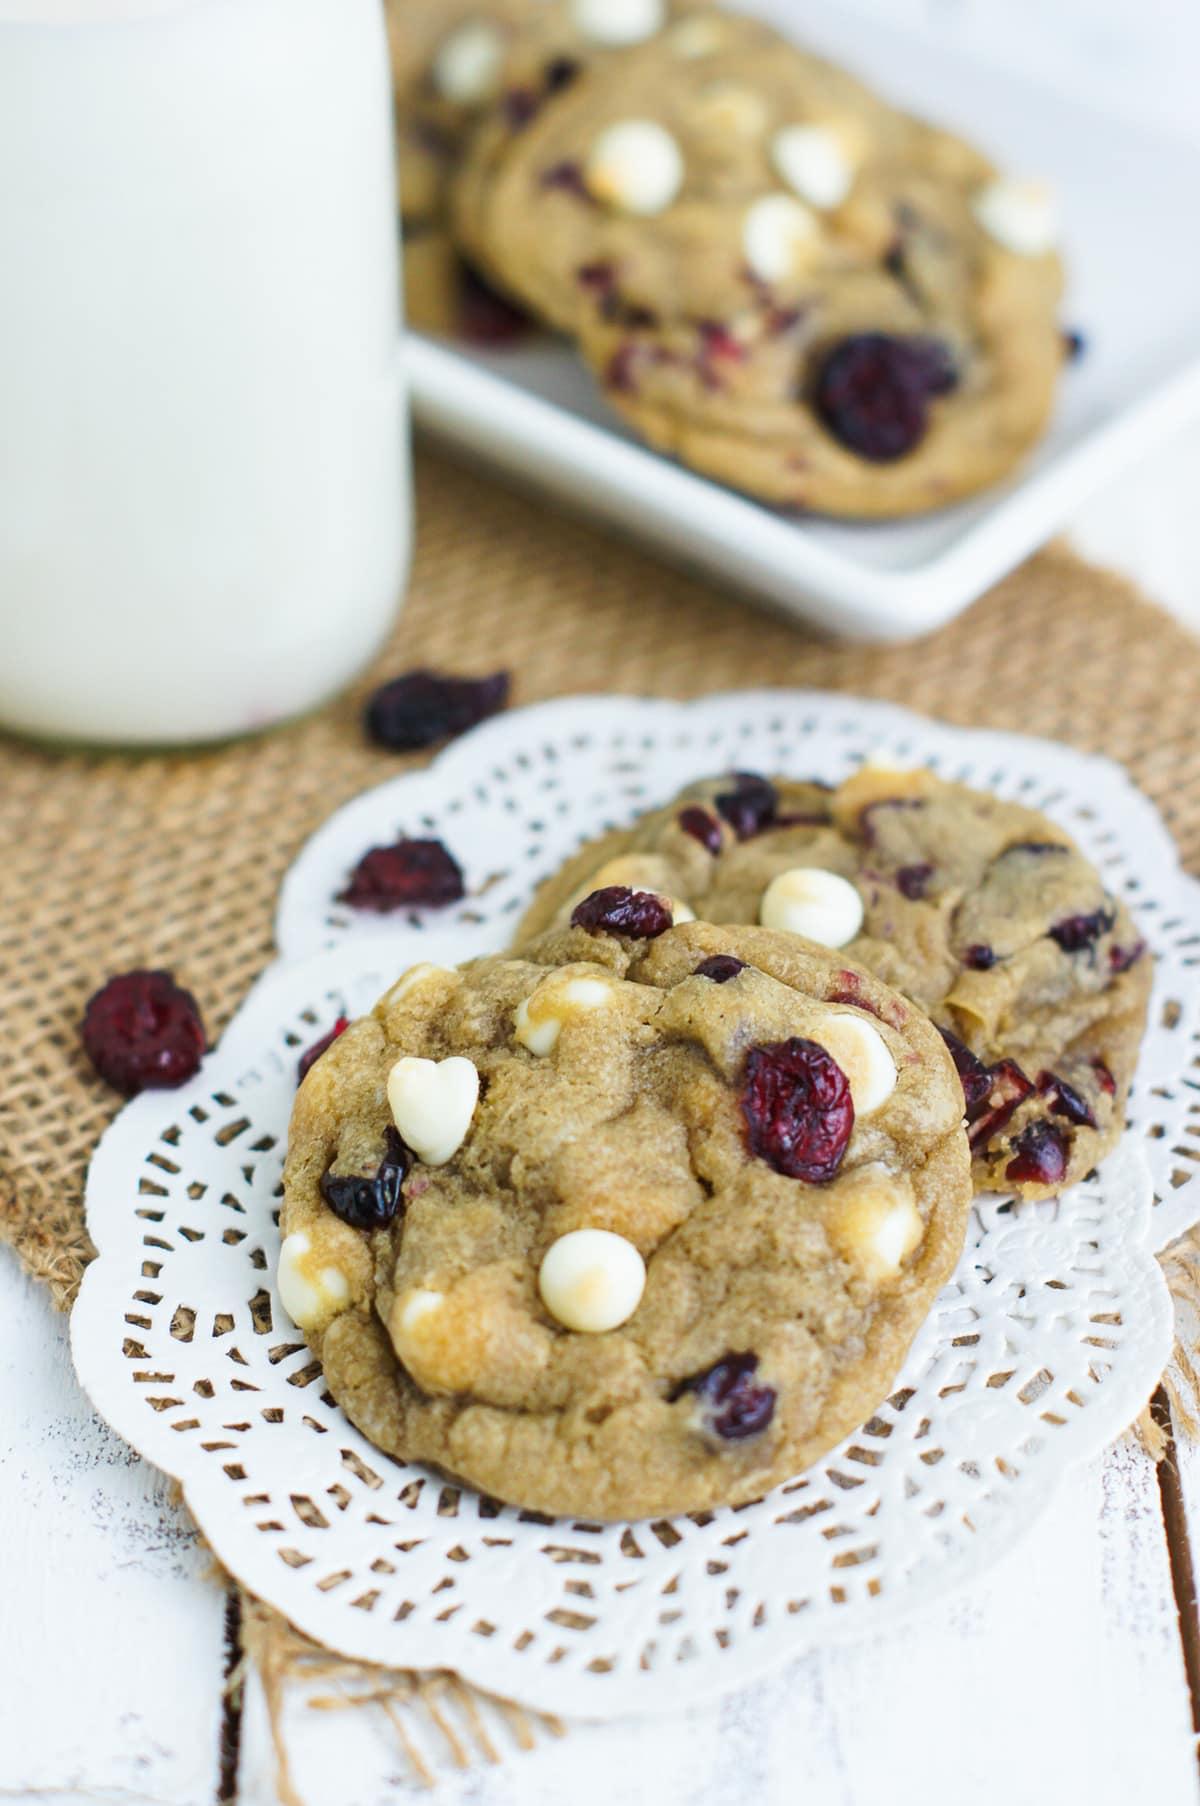 Deliciosas y fáciles galletas suaves de chispas de chocolate blanco y arándanos. smartlittlecookie.net #cookies